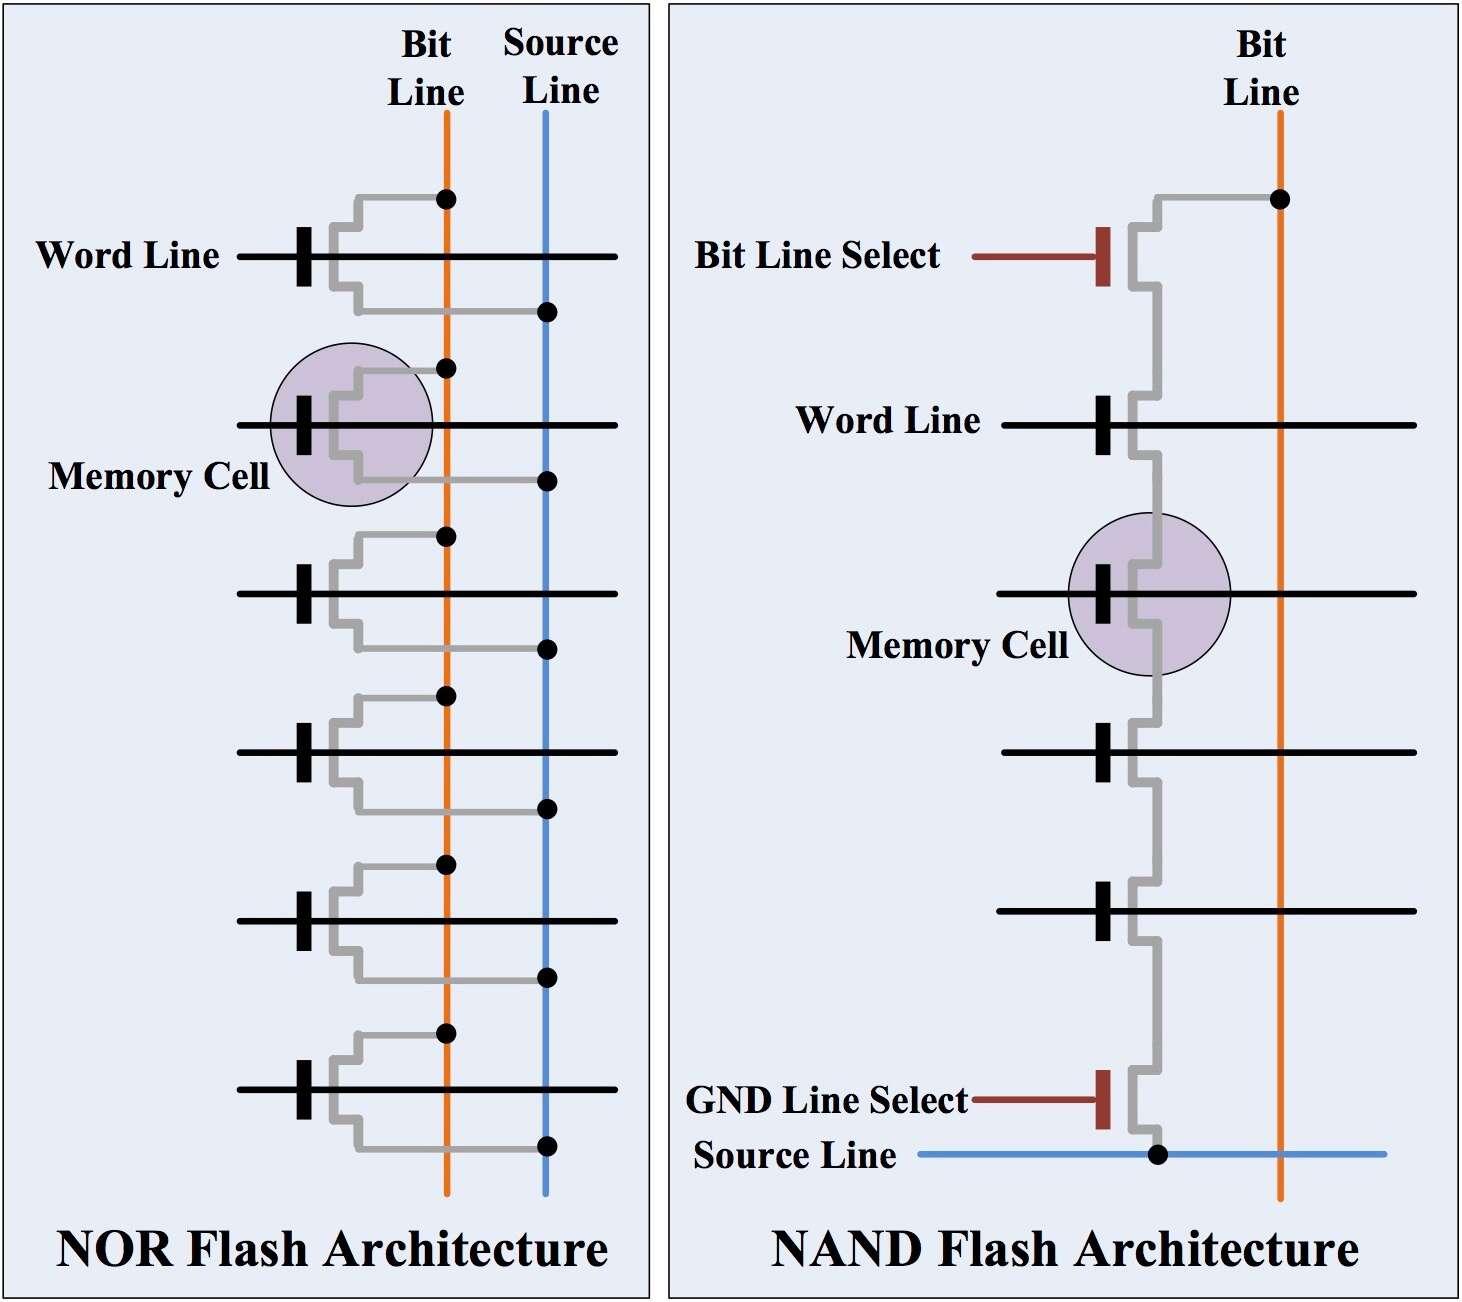 Сравнение архитектур NOR Flash и NAND Flash